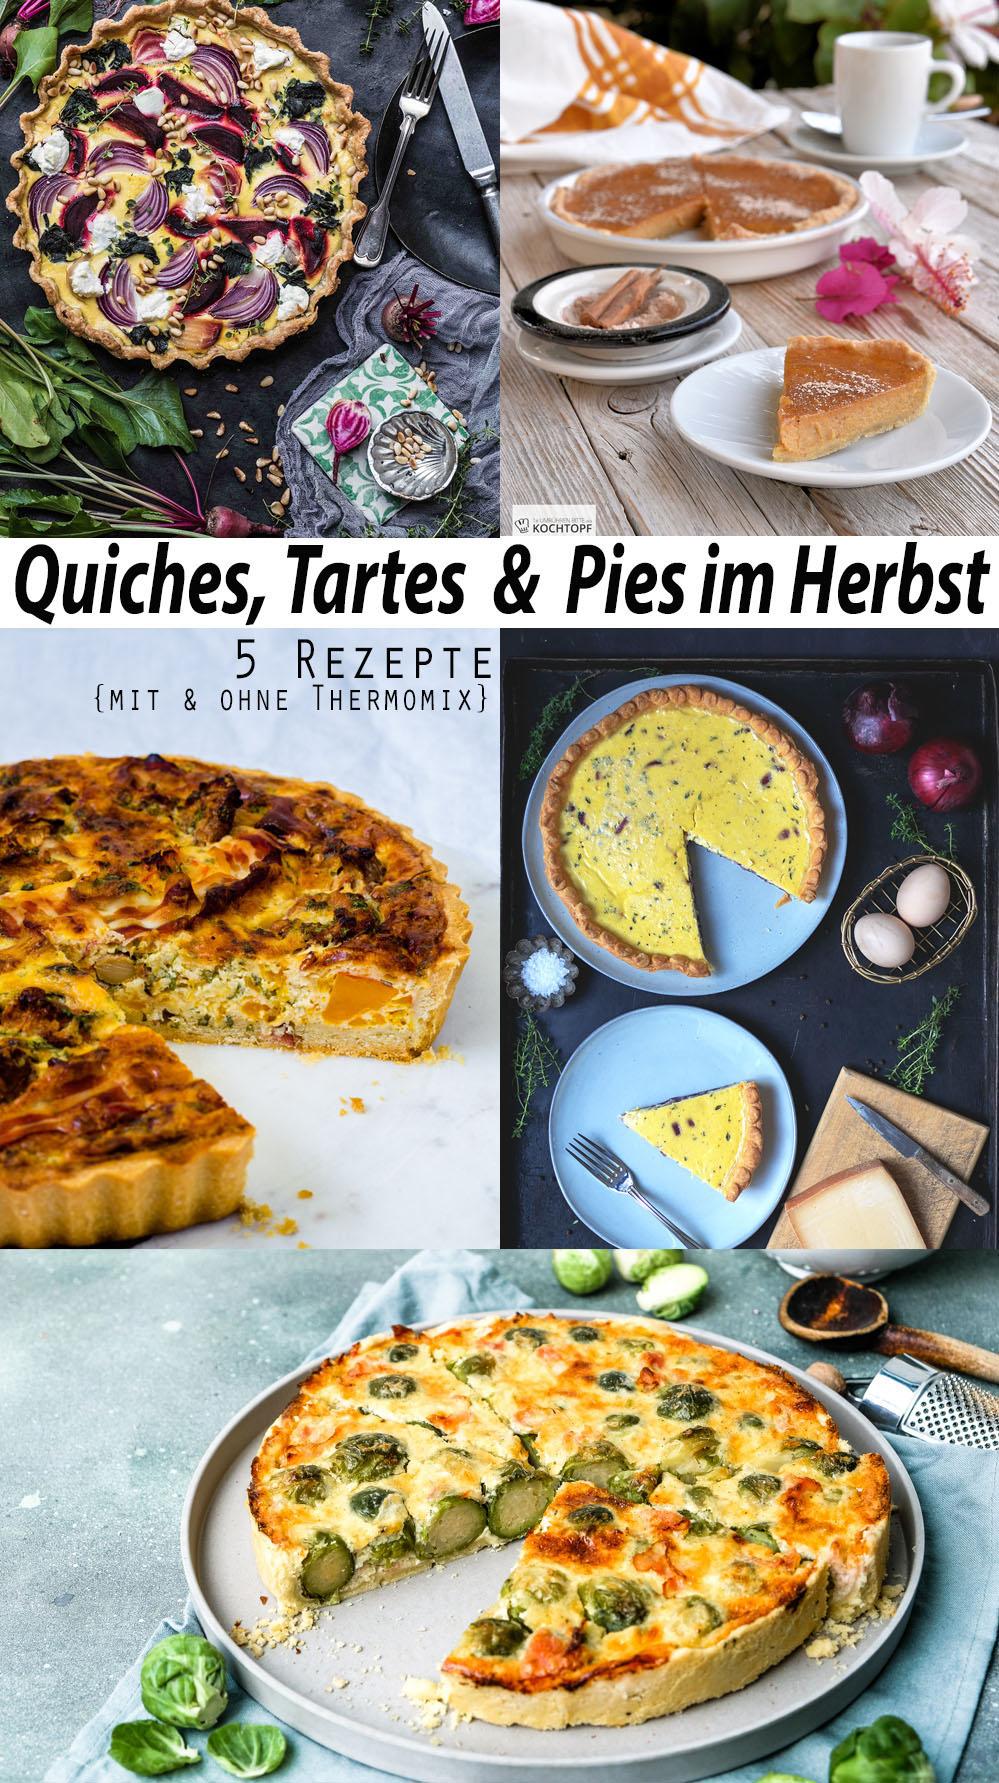 Quiches, Tartes, Pies im Herbst